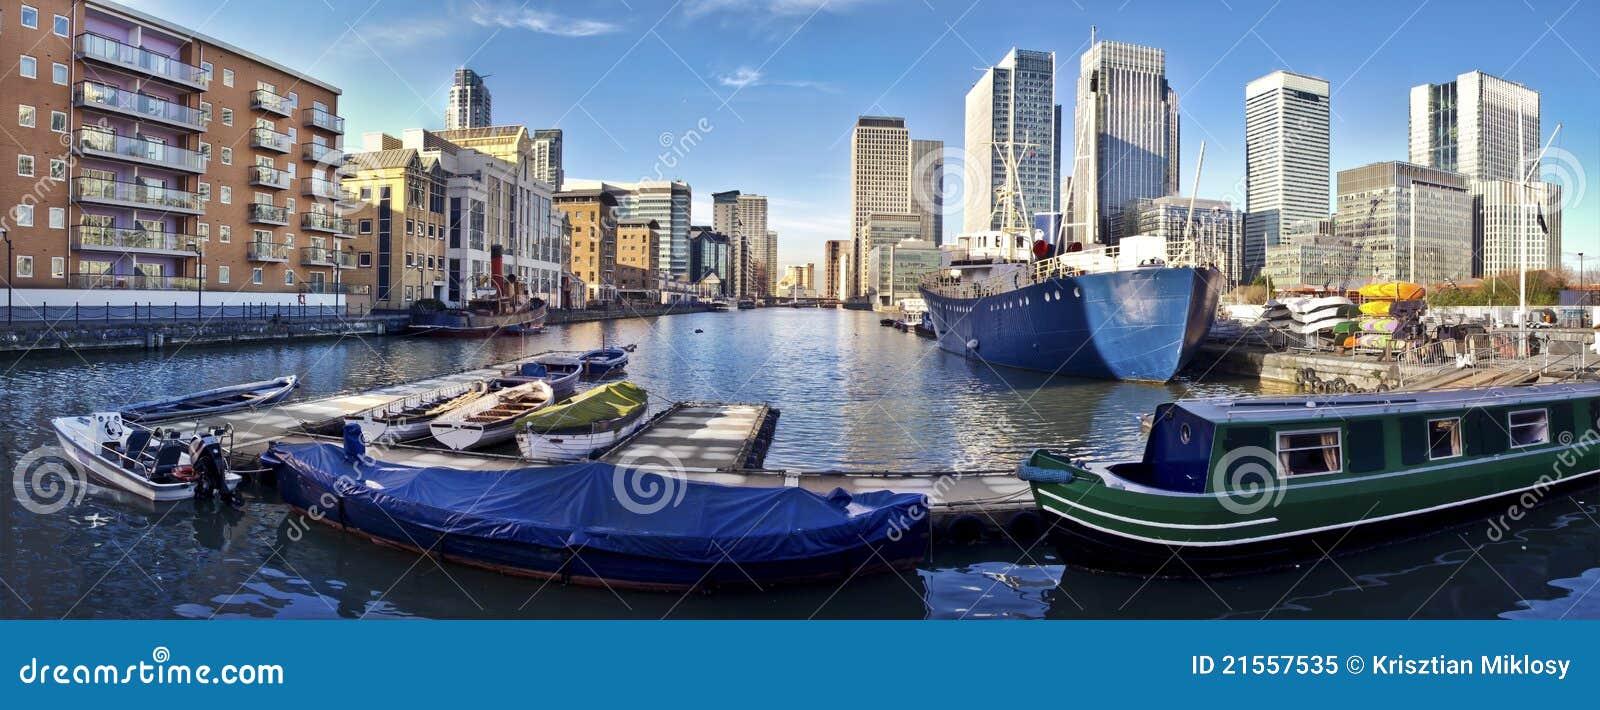 黄雀色伦敦码头